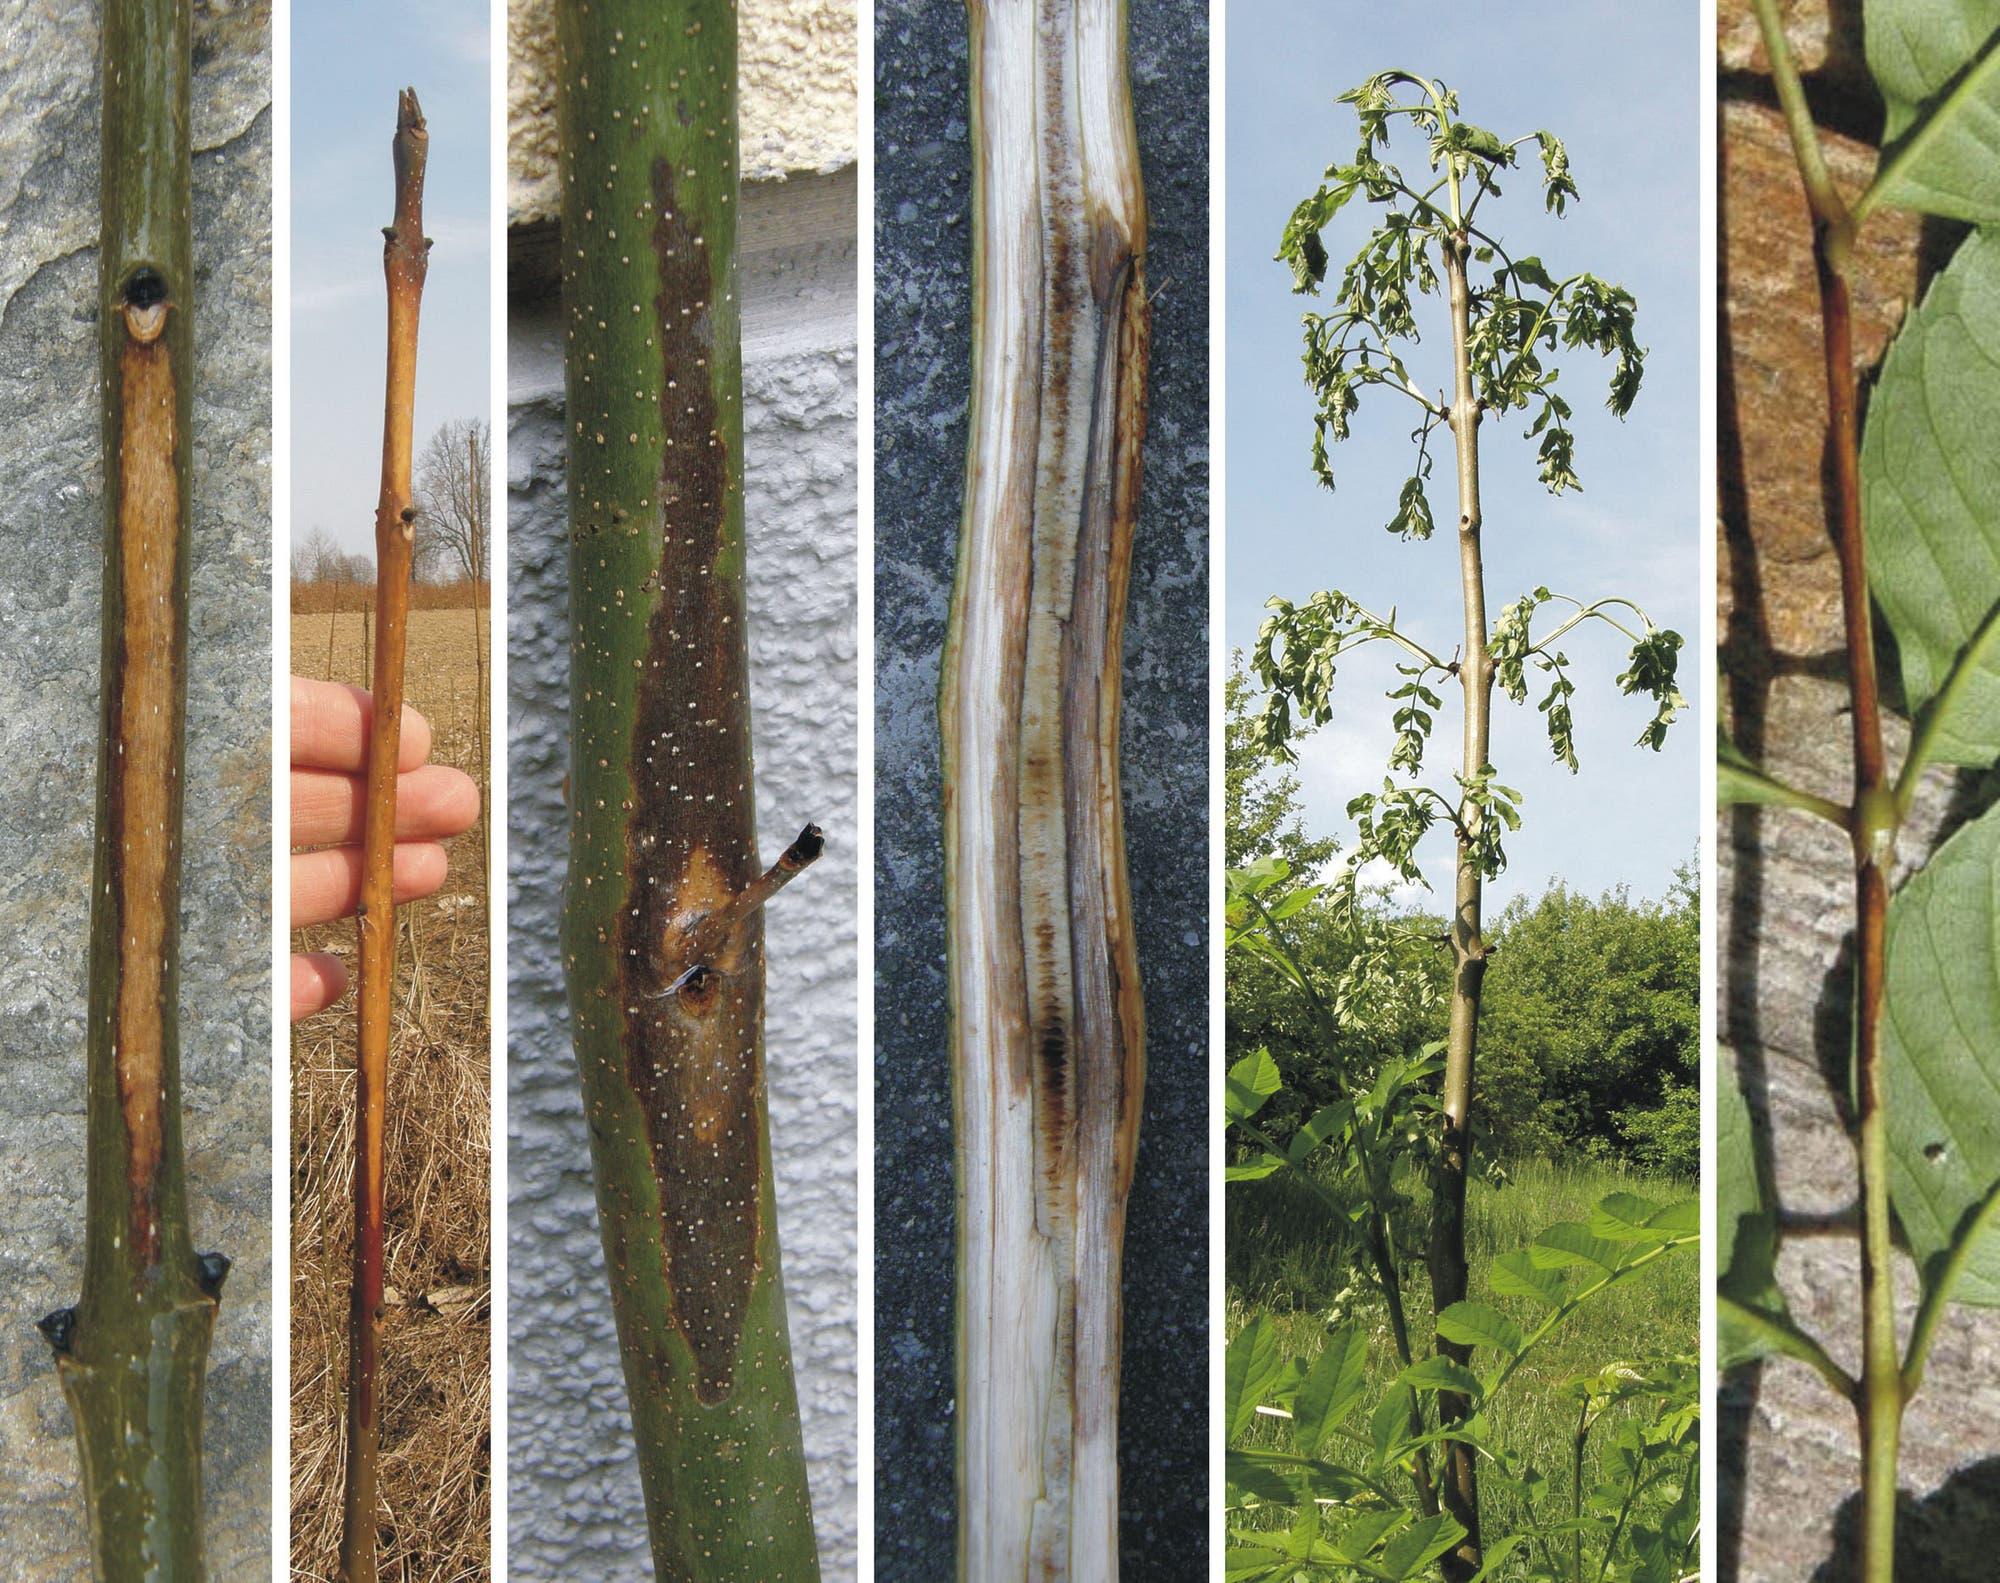 Ob eine Esche infiziert und erkrankt ist, zeigt sich durch verschiedene Symptome: Sie lässt die Blätter vorzeitig welken und abfallen, der Stamm zeigt Nekrosen und faule Stellen. Am Ende stirbt der Baum komplett ab.